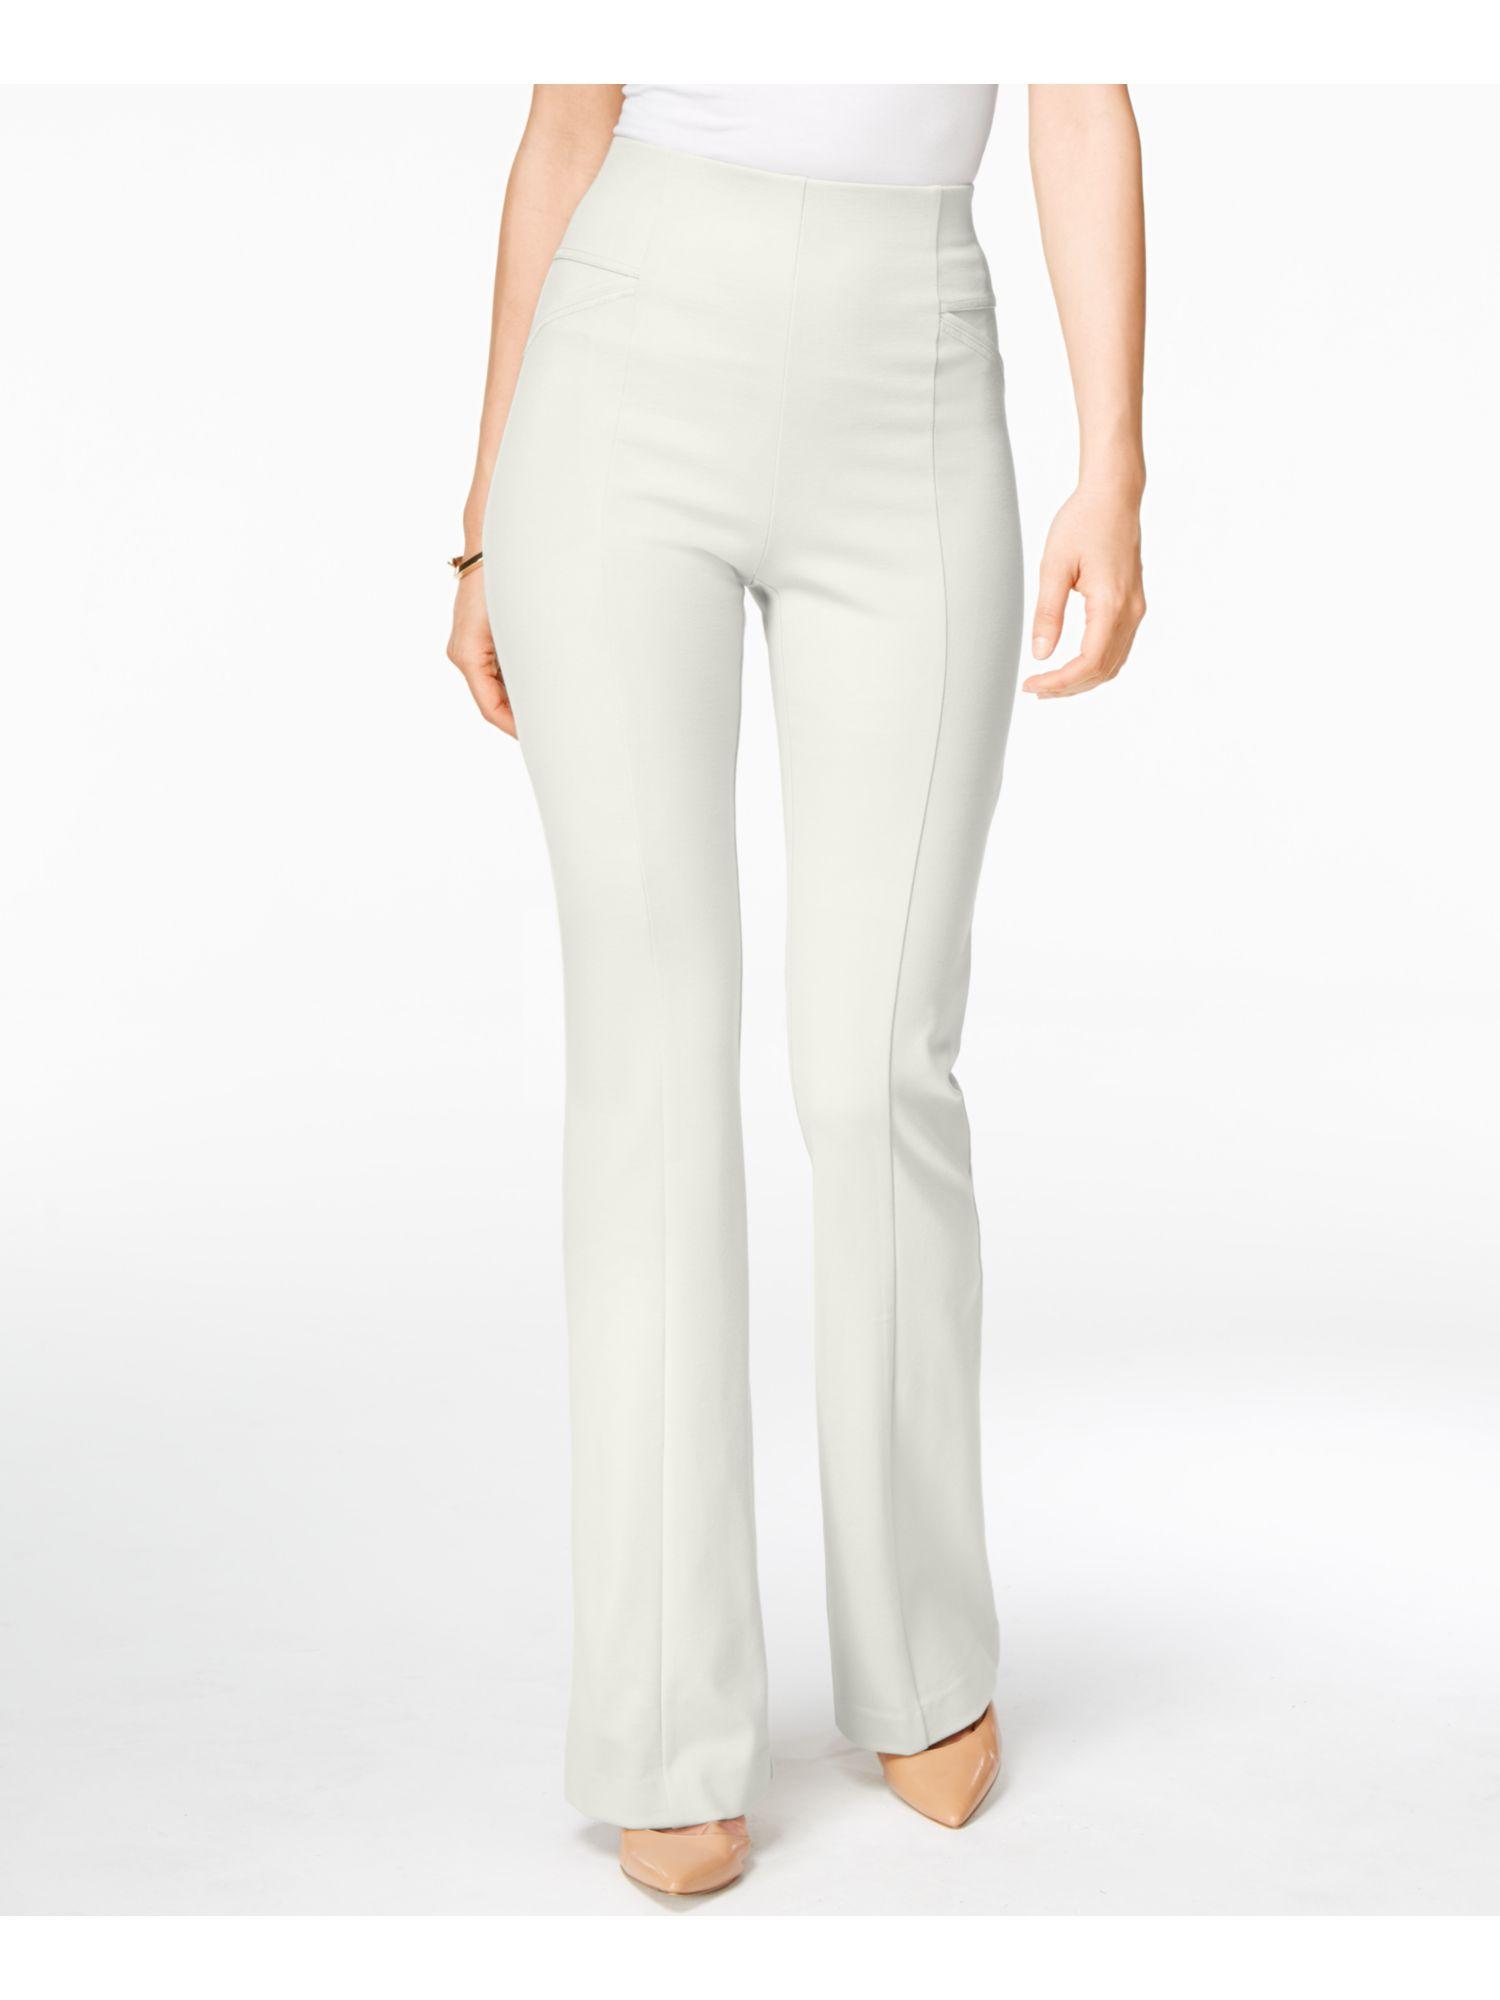 Aqua Womens White High Rise Ankle Workwear Skinny Pants Trousers XS BHFO 1487